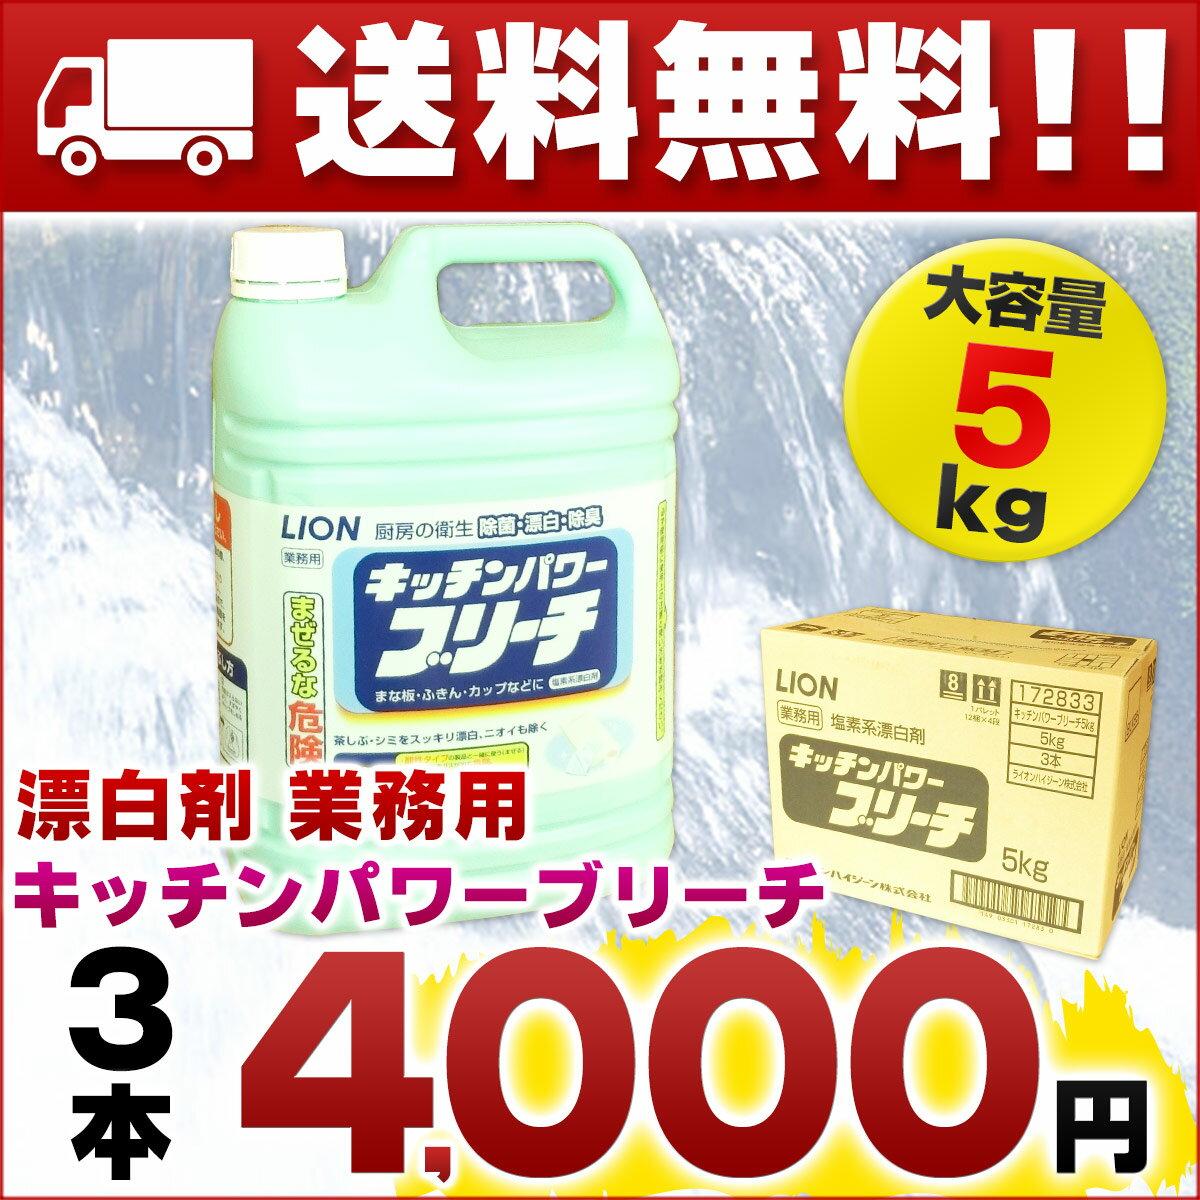 キッチンパワーブリーチ 5kg × 3本 【ライ...の商品画像